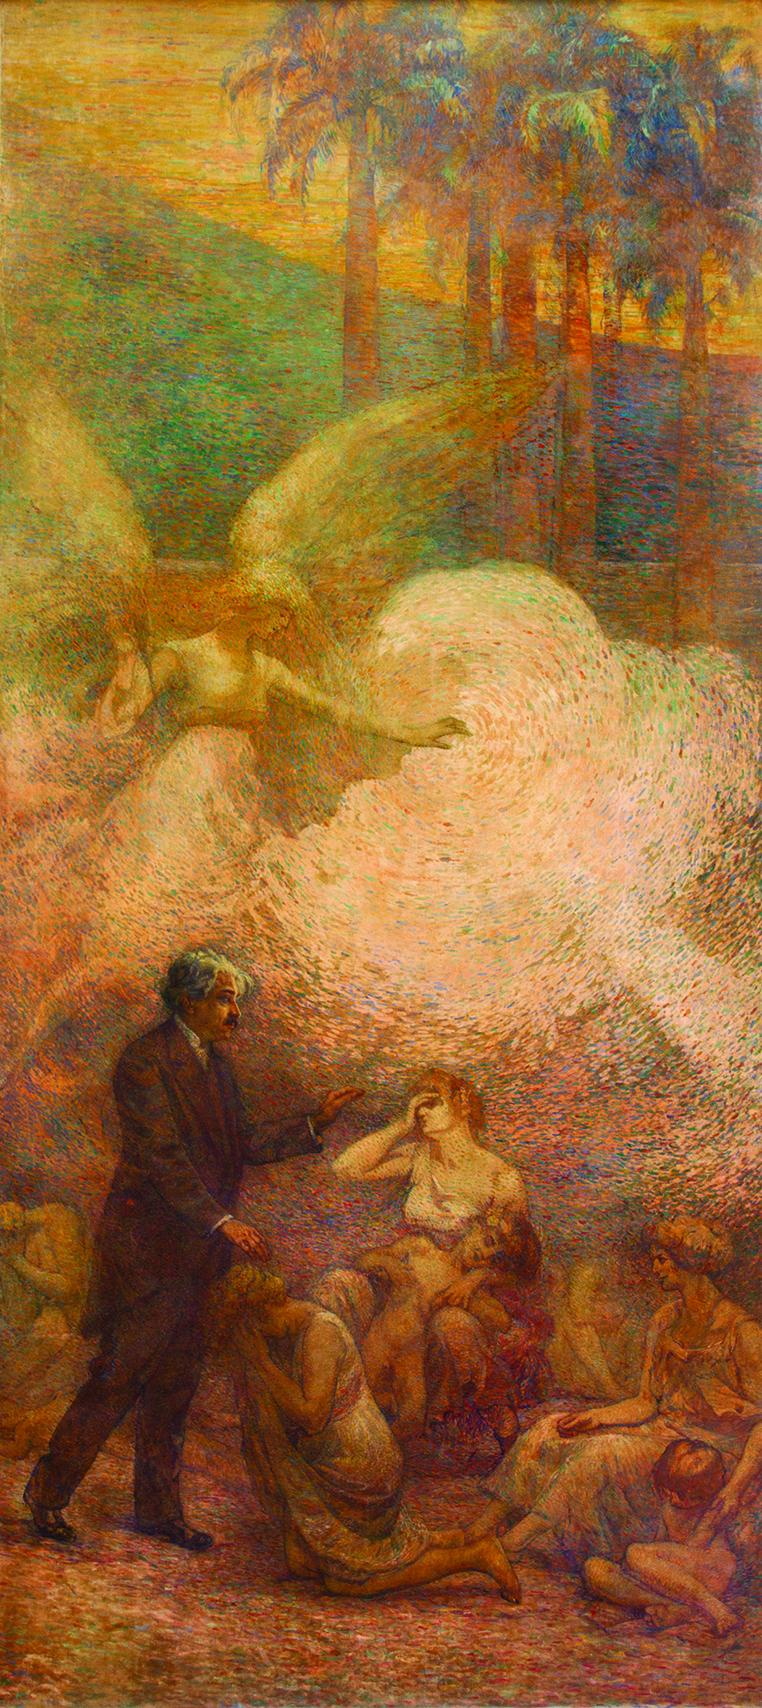 DEVERES DA CIDADE (PAINEL ESQUERDO DO TRÍPTICO) - OSWALDO CRUZ - OST - 5,00 x 2,15 m - 1923 - PALÁCIO PEDRO ERNESTO - RIO DE JANEIRO/RJ